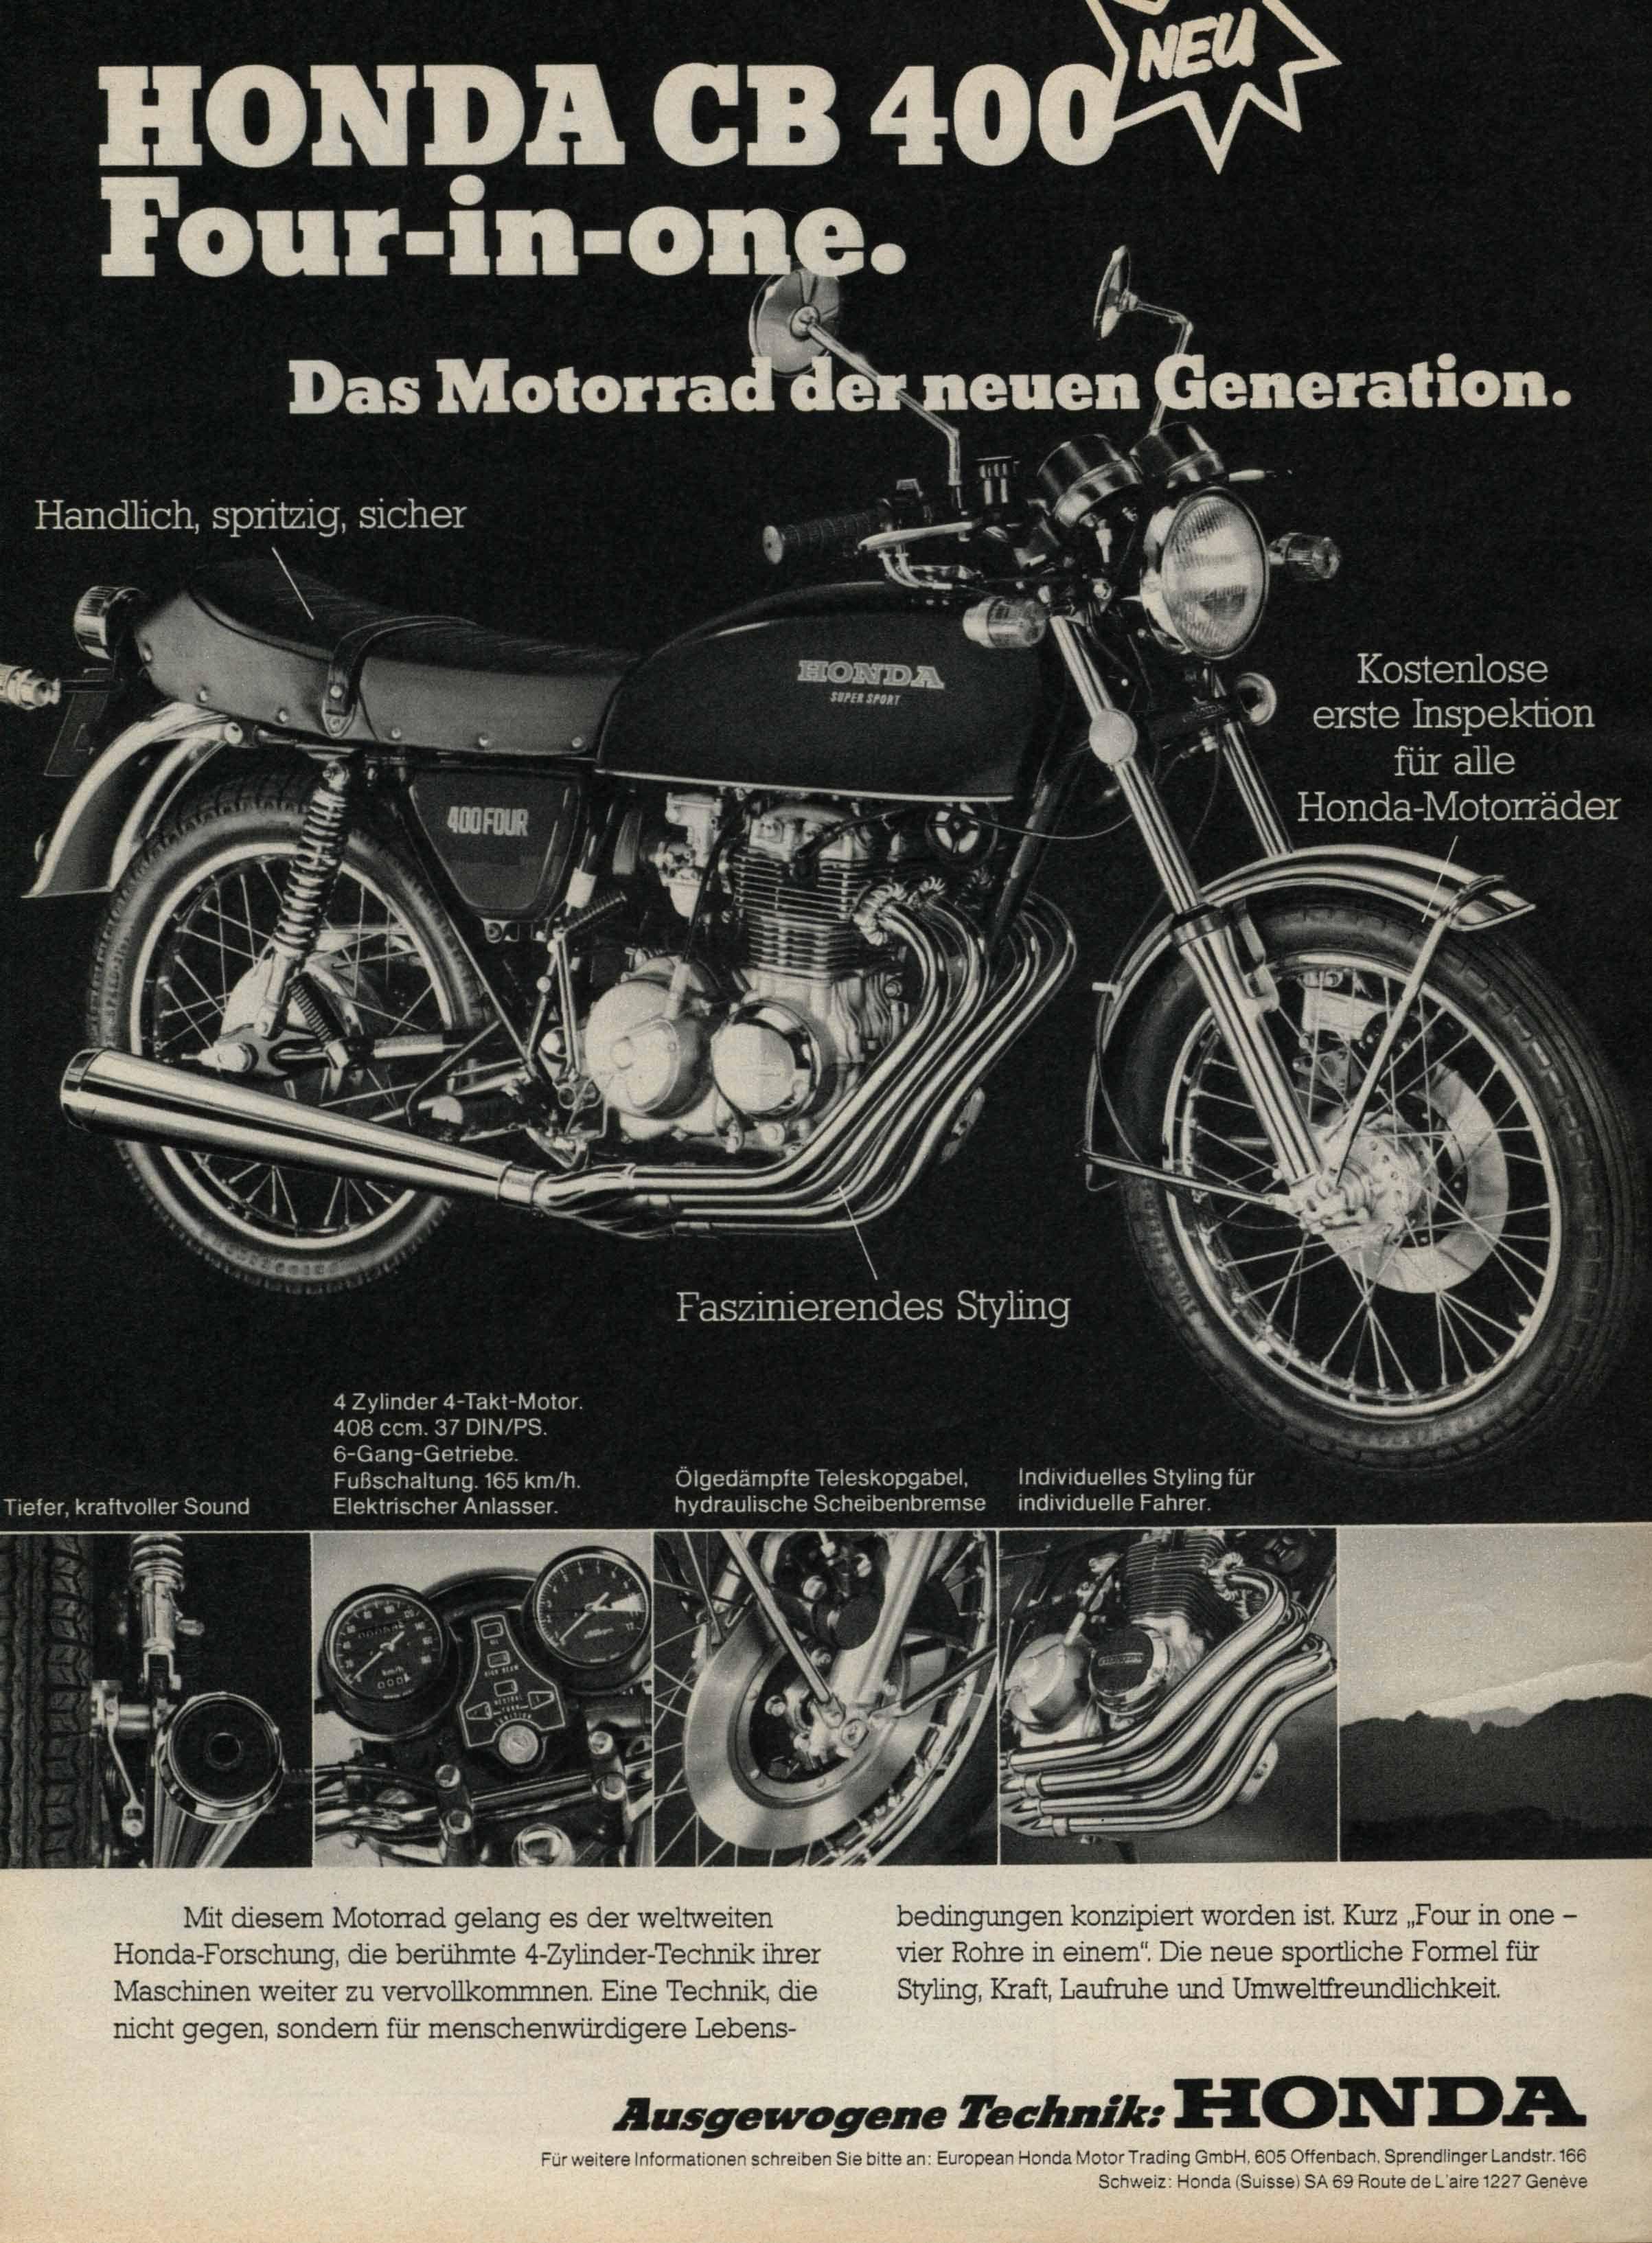 Honda CB400F retro advertisement   dicana   Pinterest   Honda, Honda ...